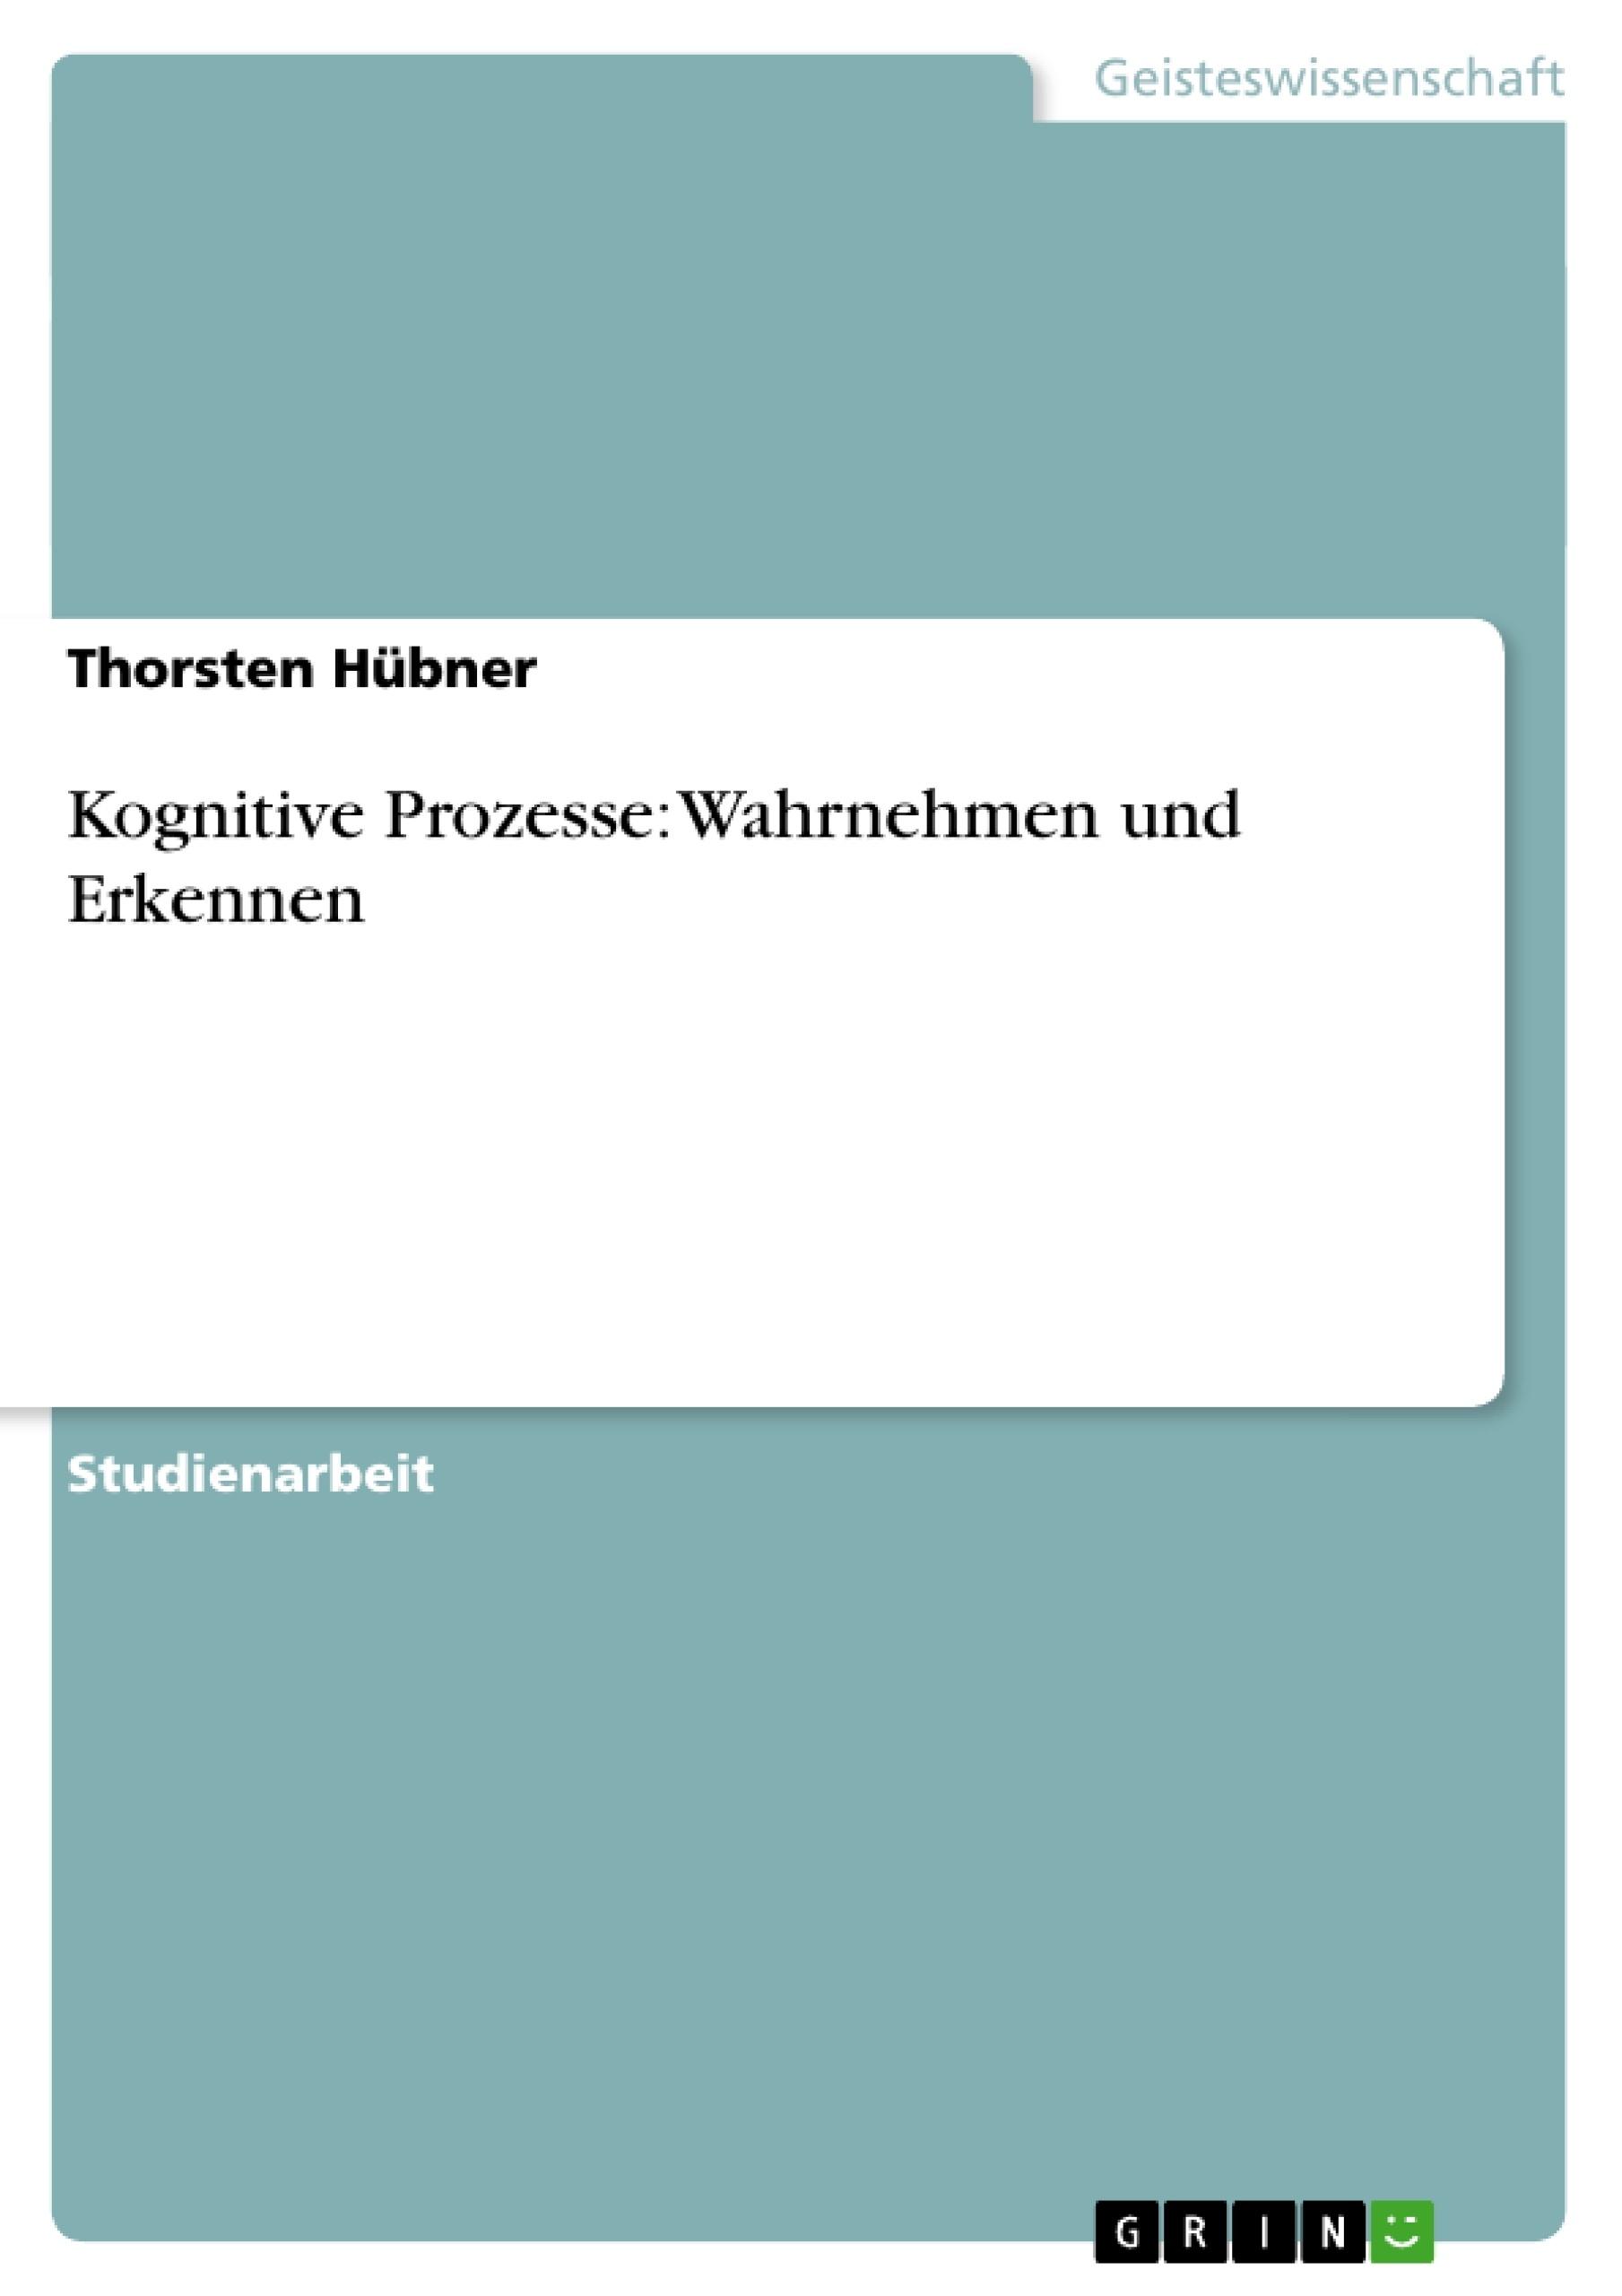 Titel: Kognitive Prozesse: Wahrnehmen und Erkennen